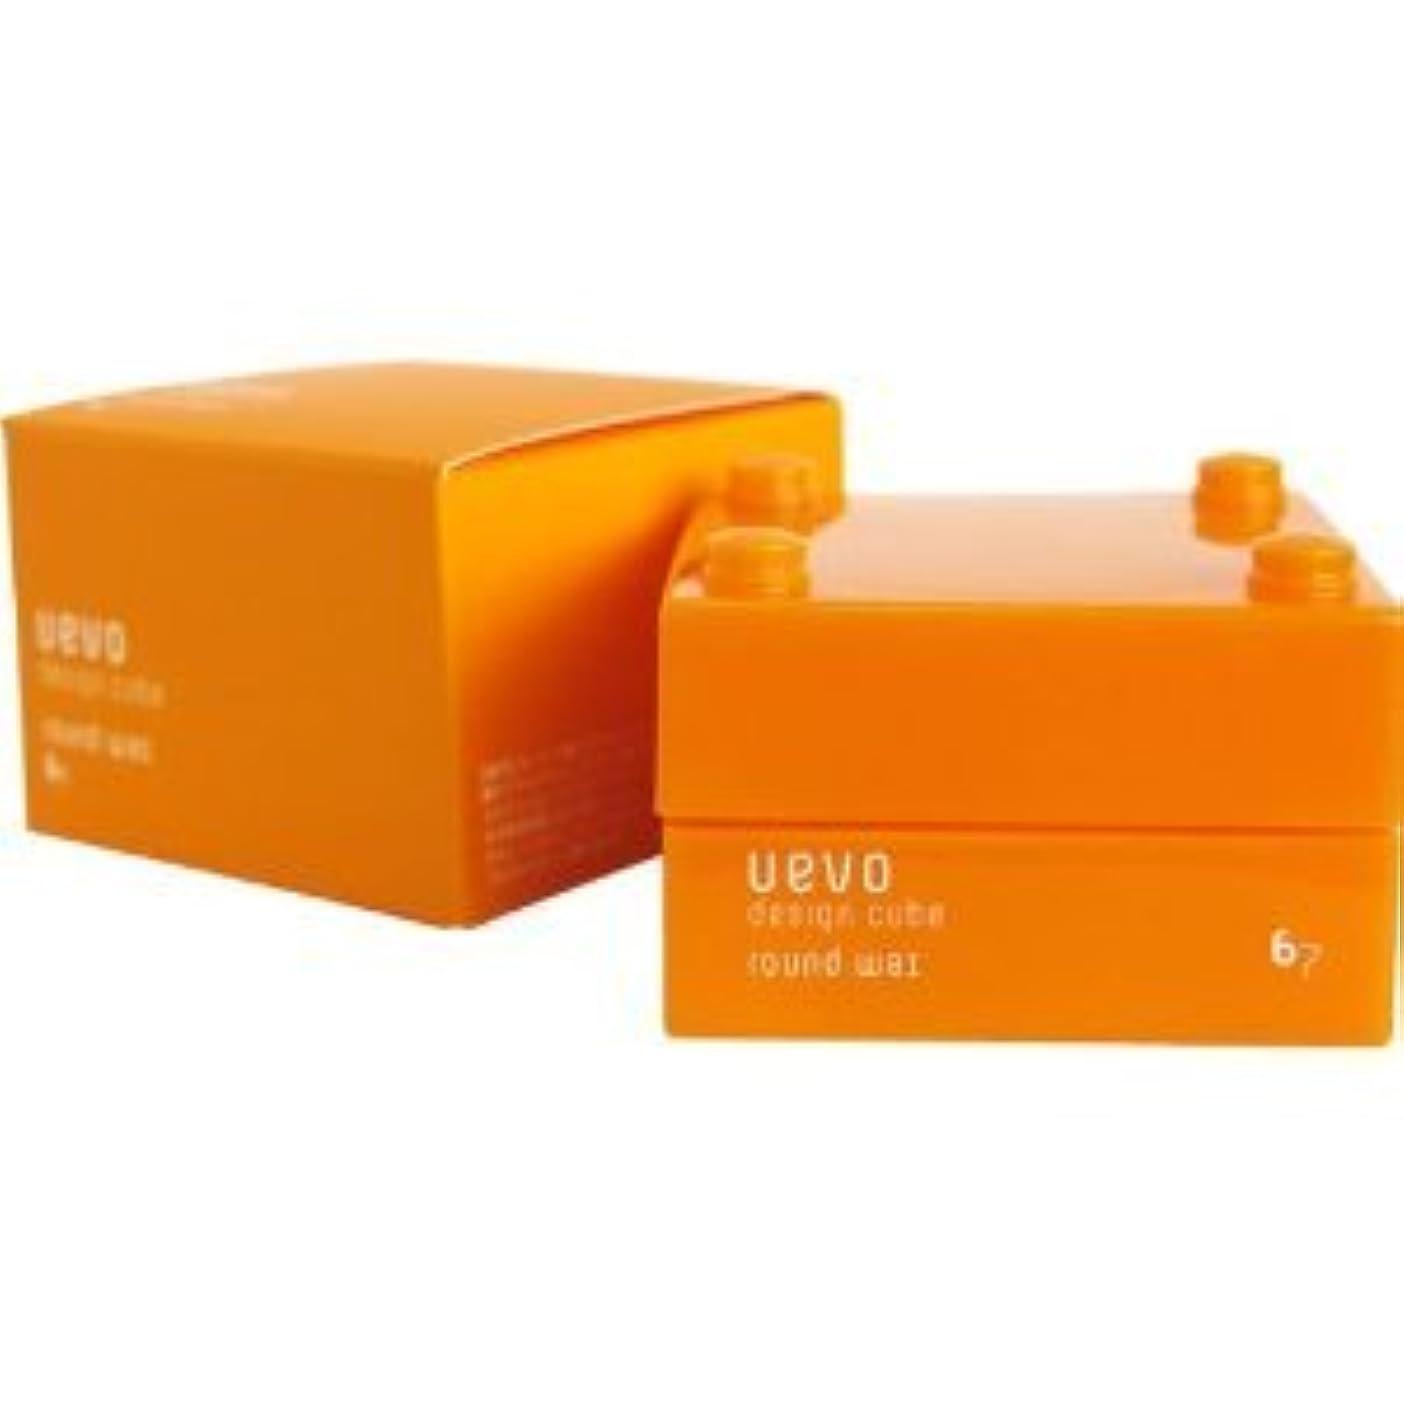 しゃがむ嫌がる降雨デミ ウェーボ デザインキューブ ラウンドワックス 30g round wax DEMI uevo design cube